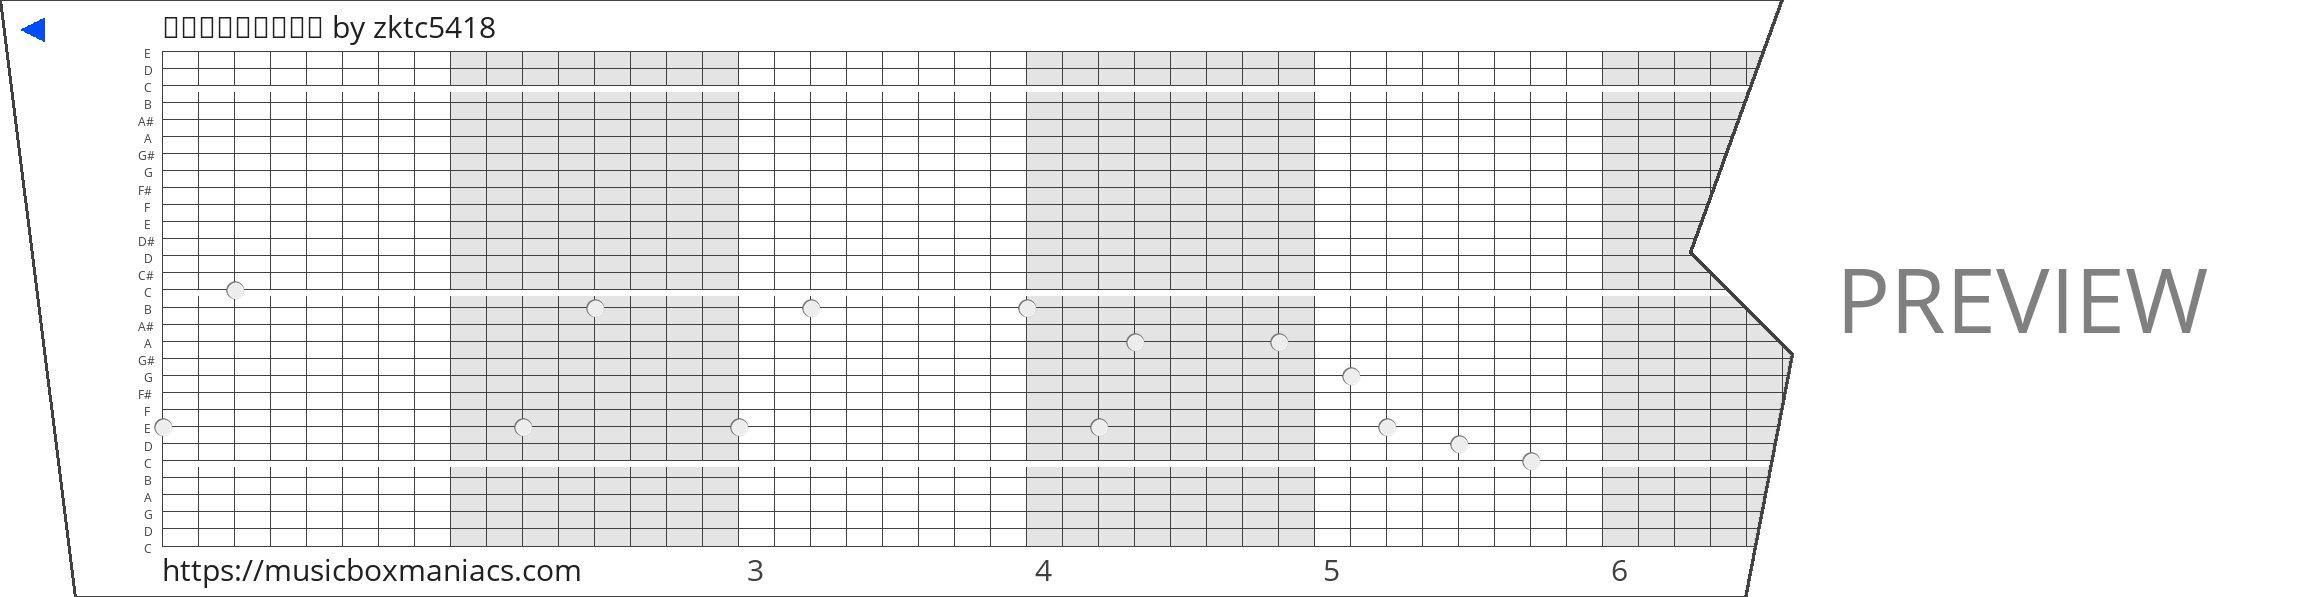 少年英雄(小哪吒) 30 note music box paper strip